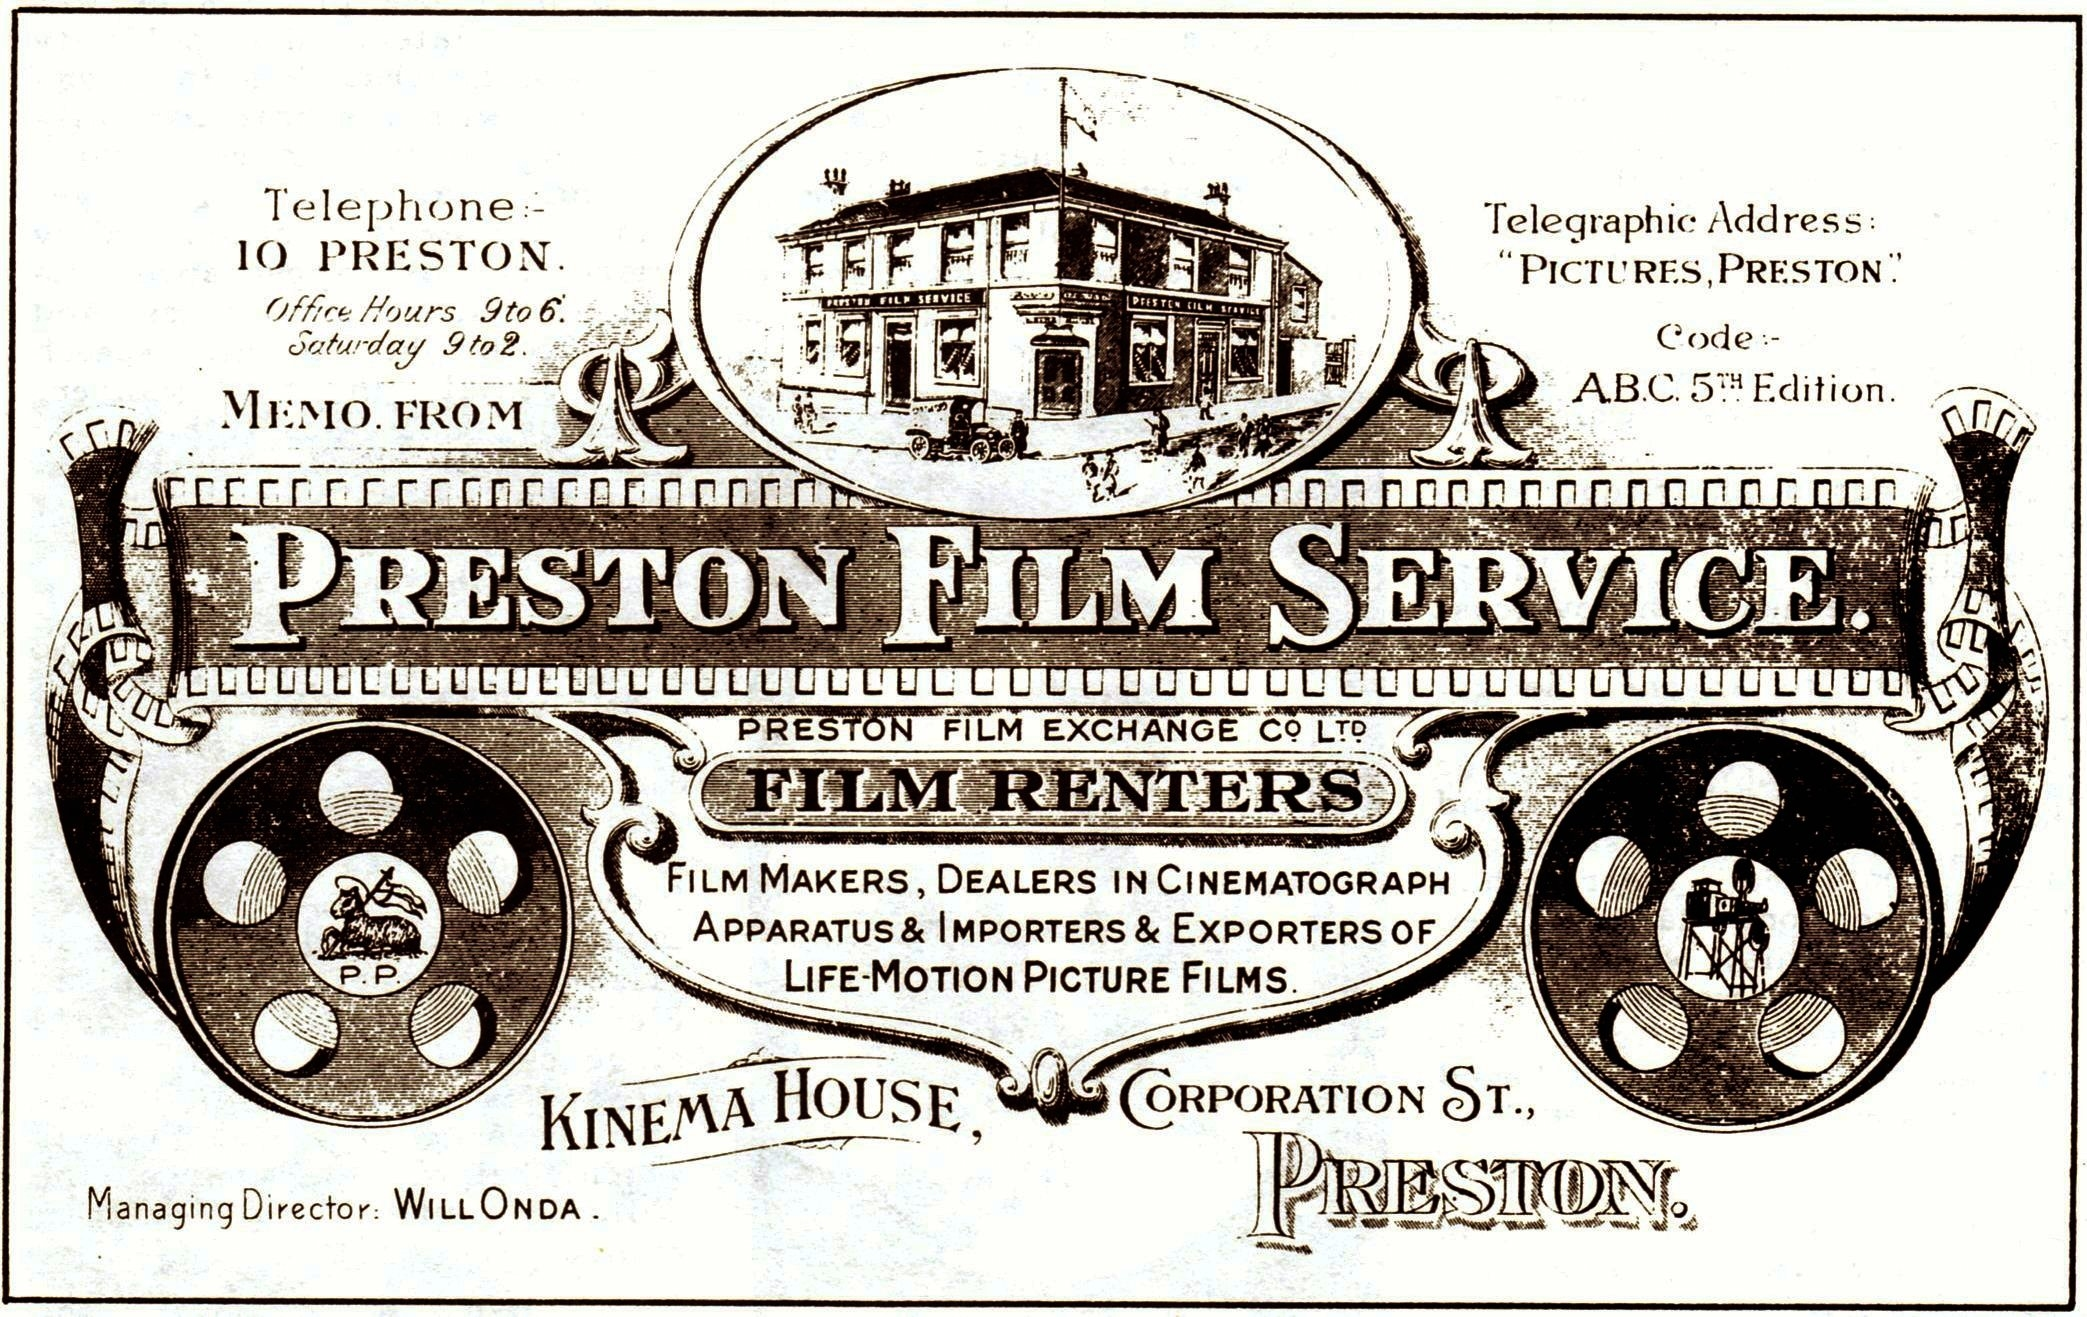 Preston Film Service: Invoice Header